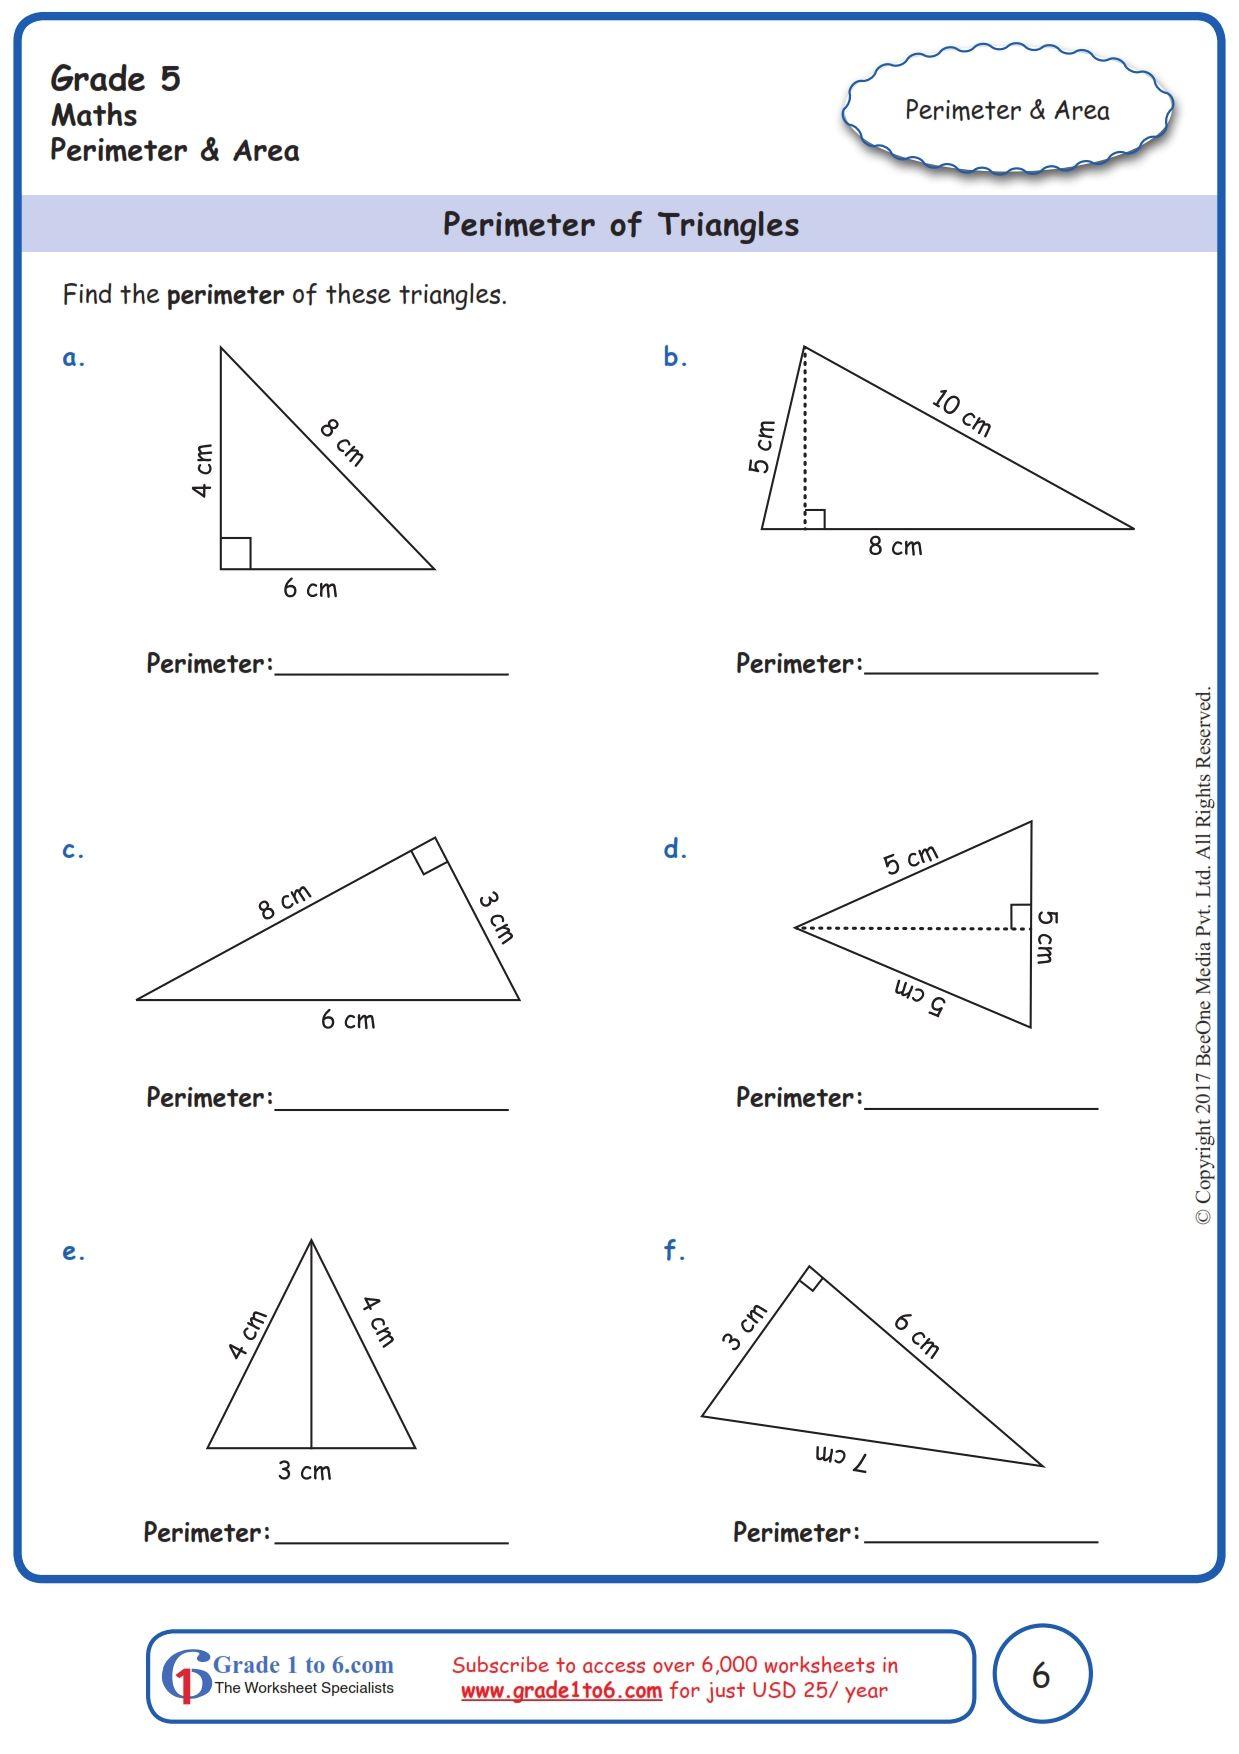 medium resolution of Worksheet Grade 5 Math Perimeter of Triangles   Perimeter worksheets